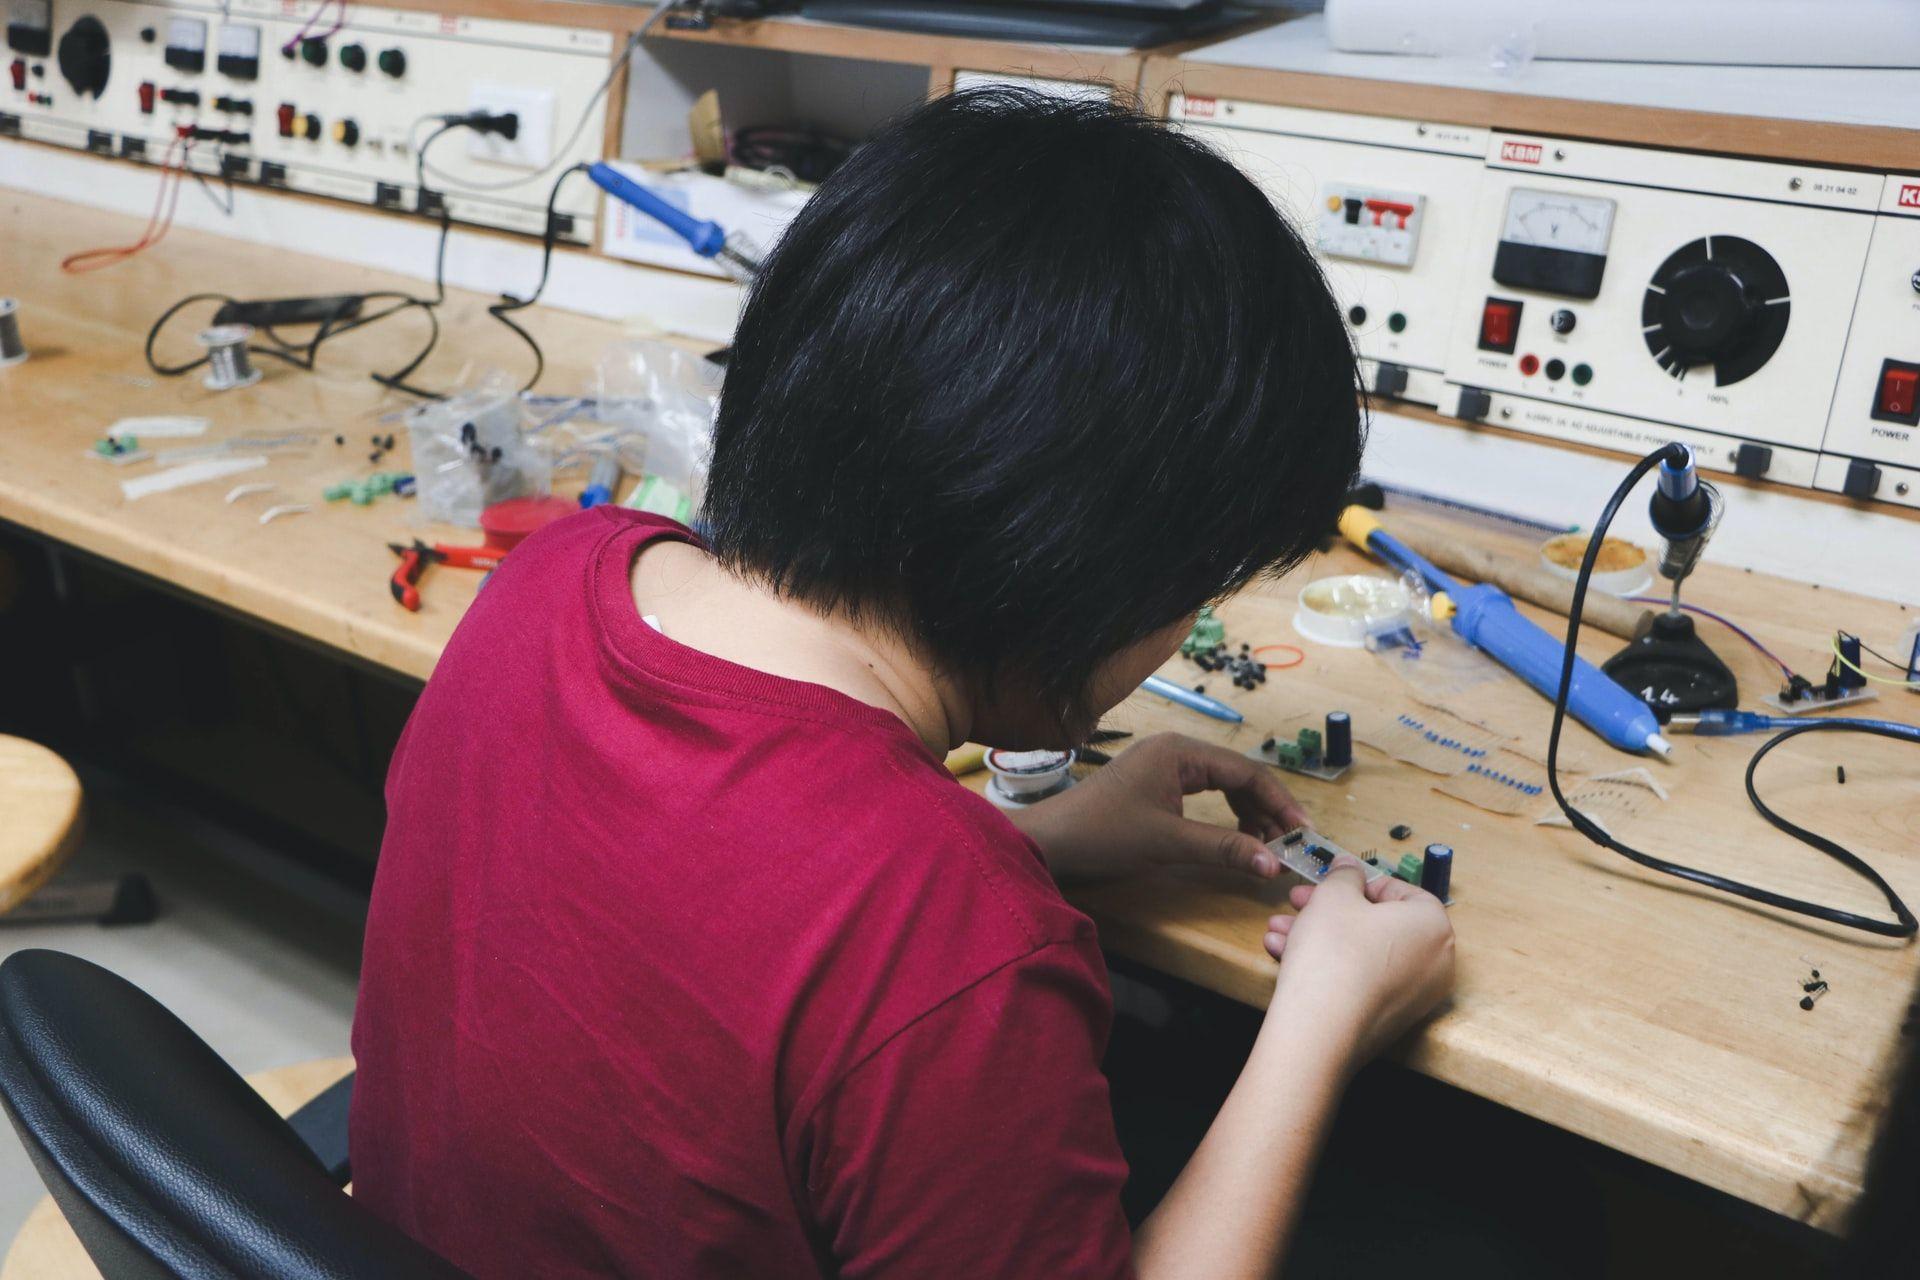 wanita thailand membuat barang elektronik